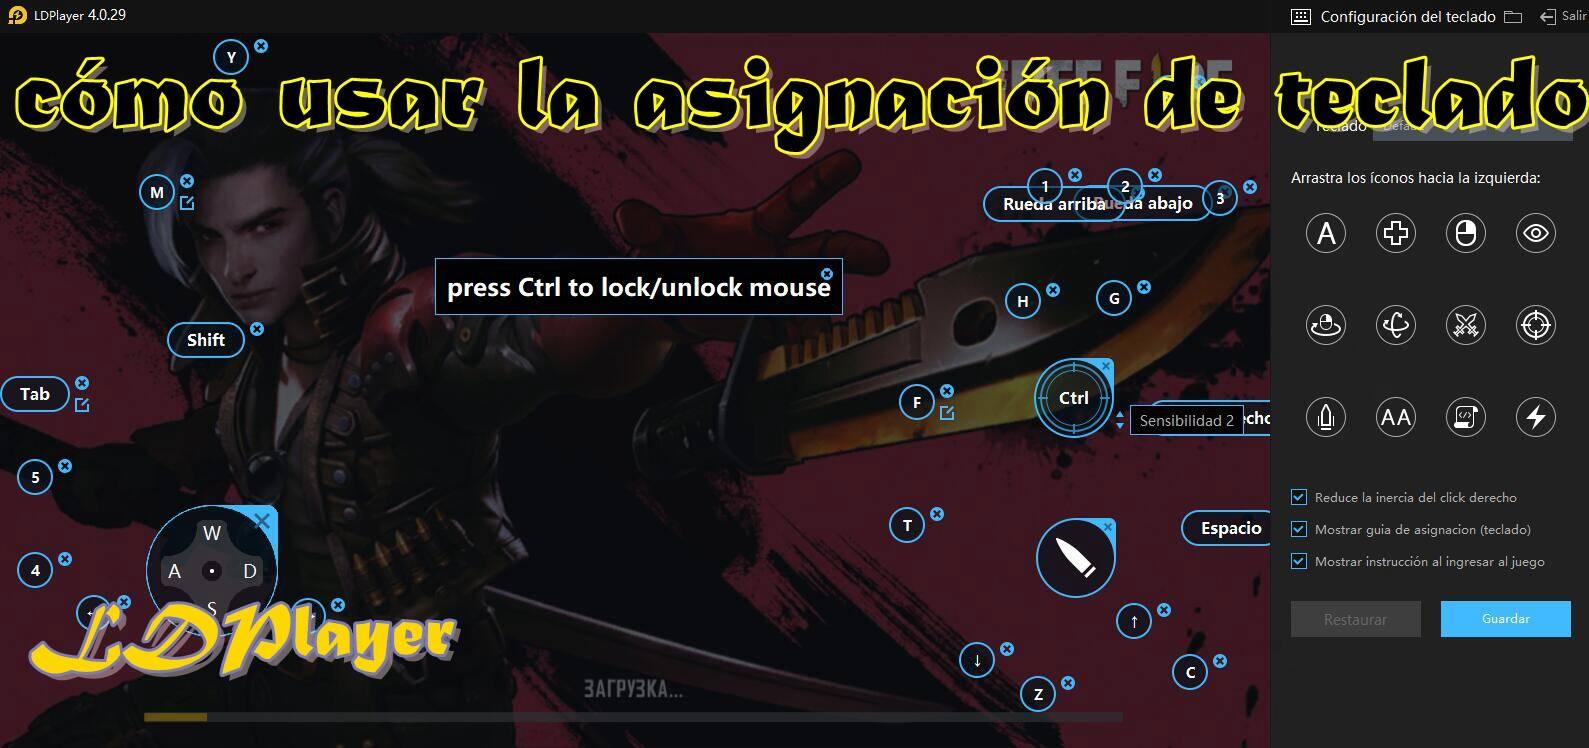 Asignación de teclas en el emulador: cómo usar la asignación de teclado